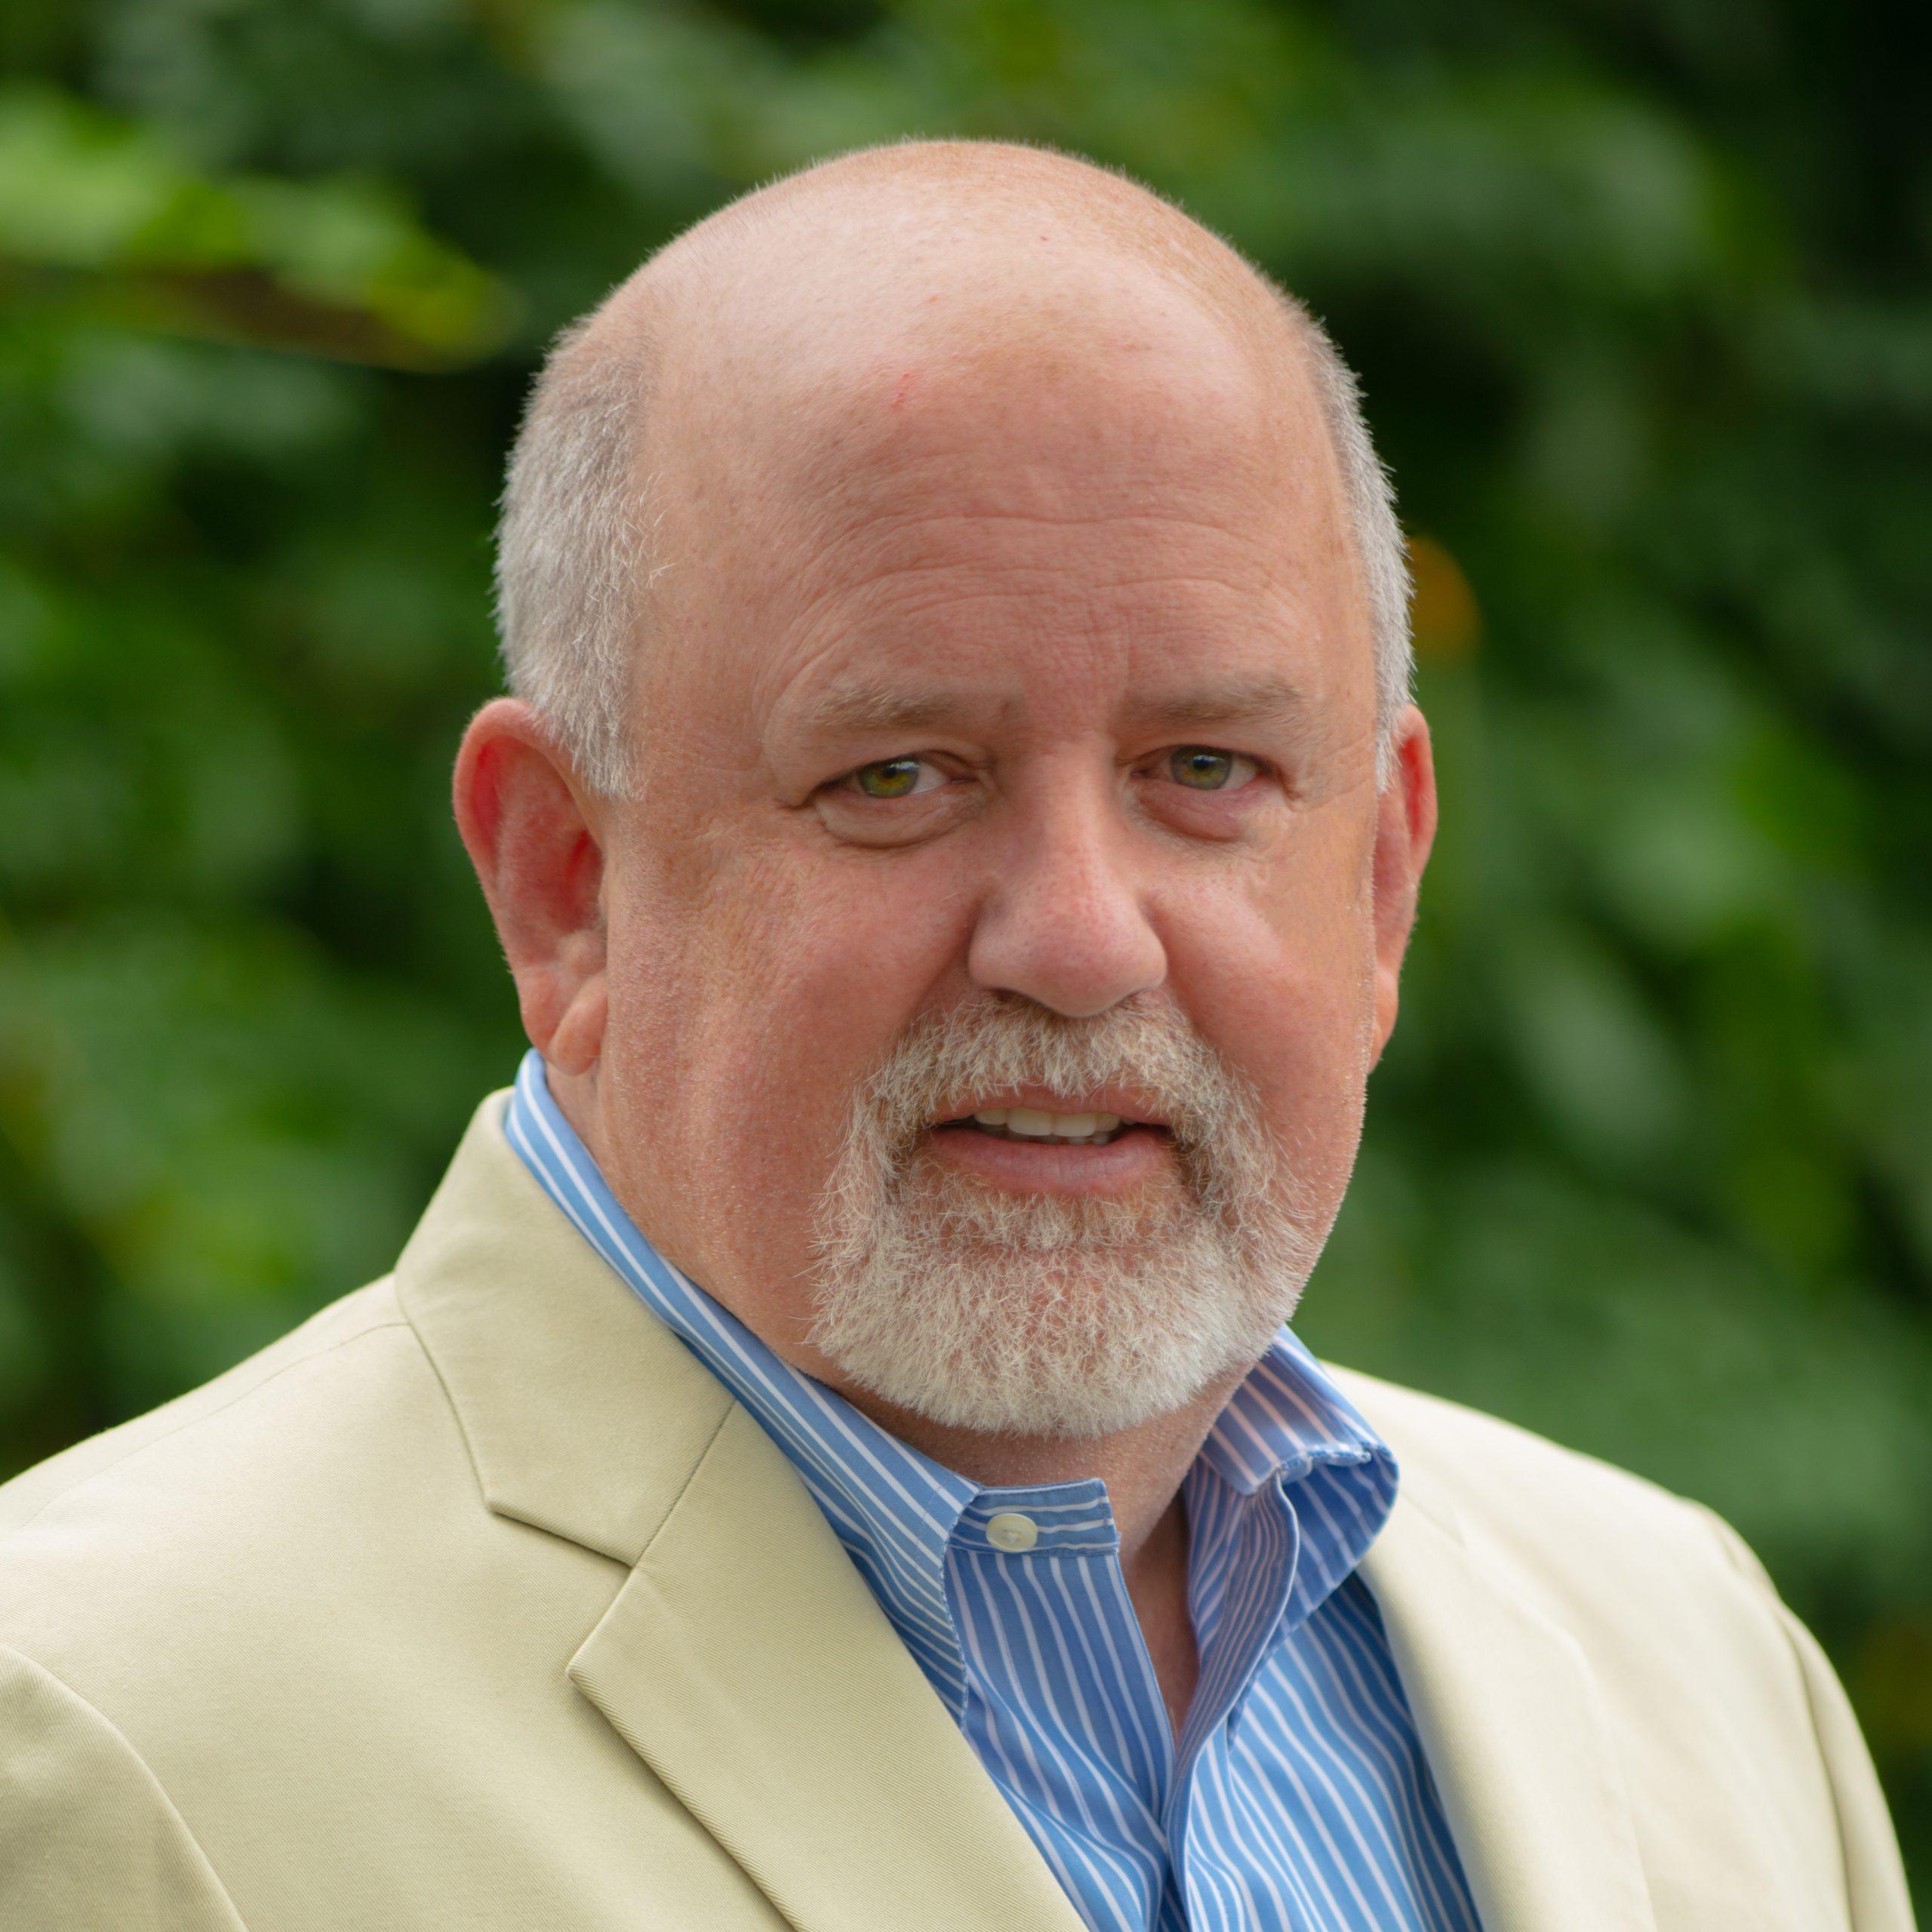 Bill Baumann